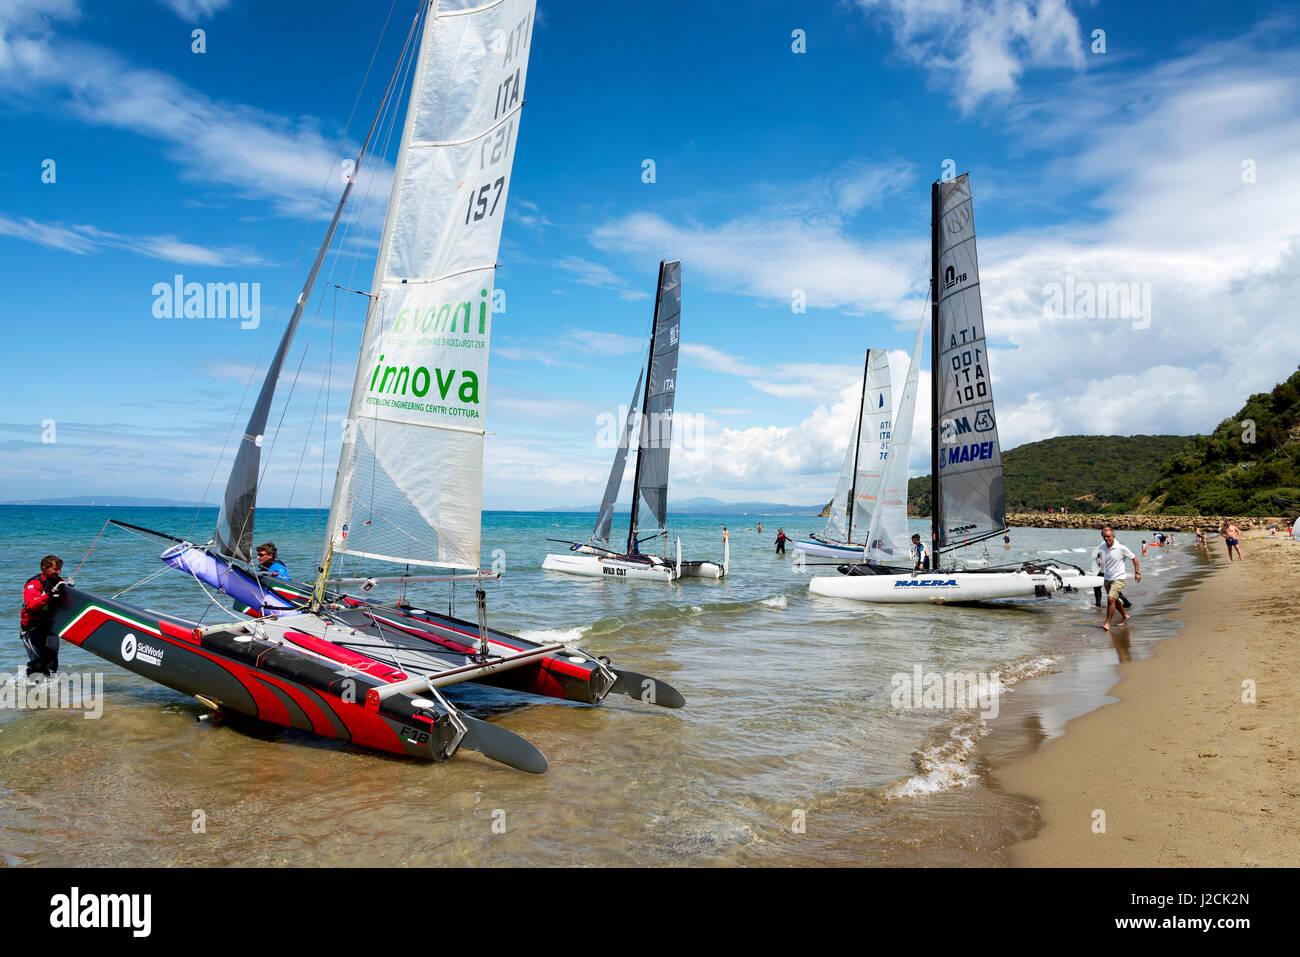 PUNTA ALA - 3 giugno: squadre di vela su Formula 18 catamarano nazionale gara, il 3 giugno 2016 a Punta Ala, Italia Immagini Stock